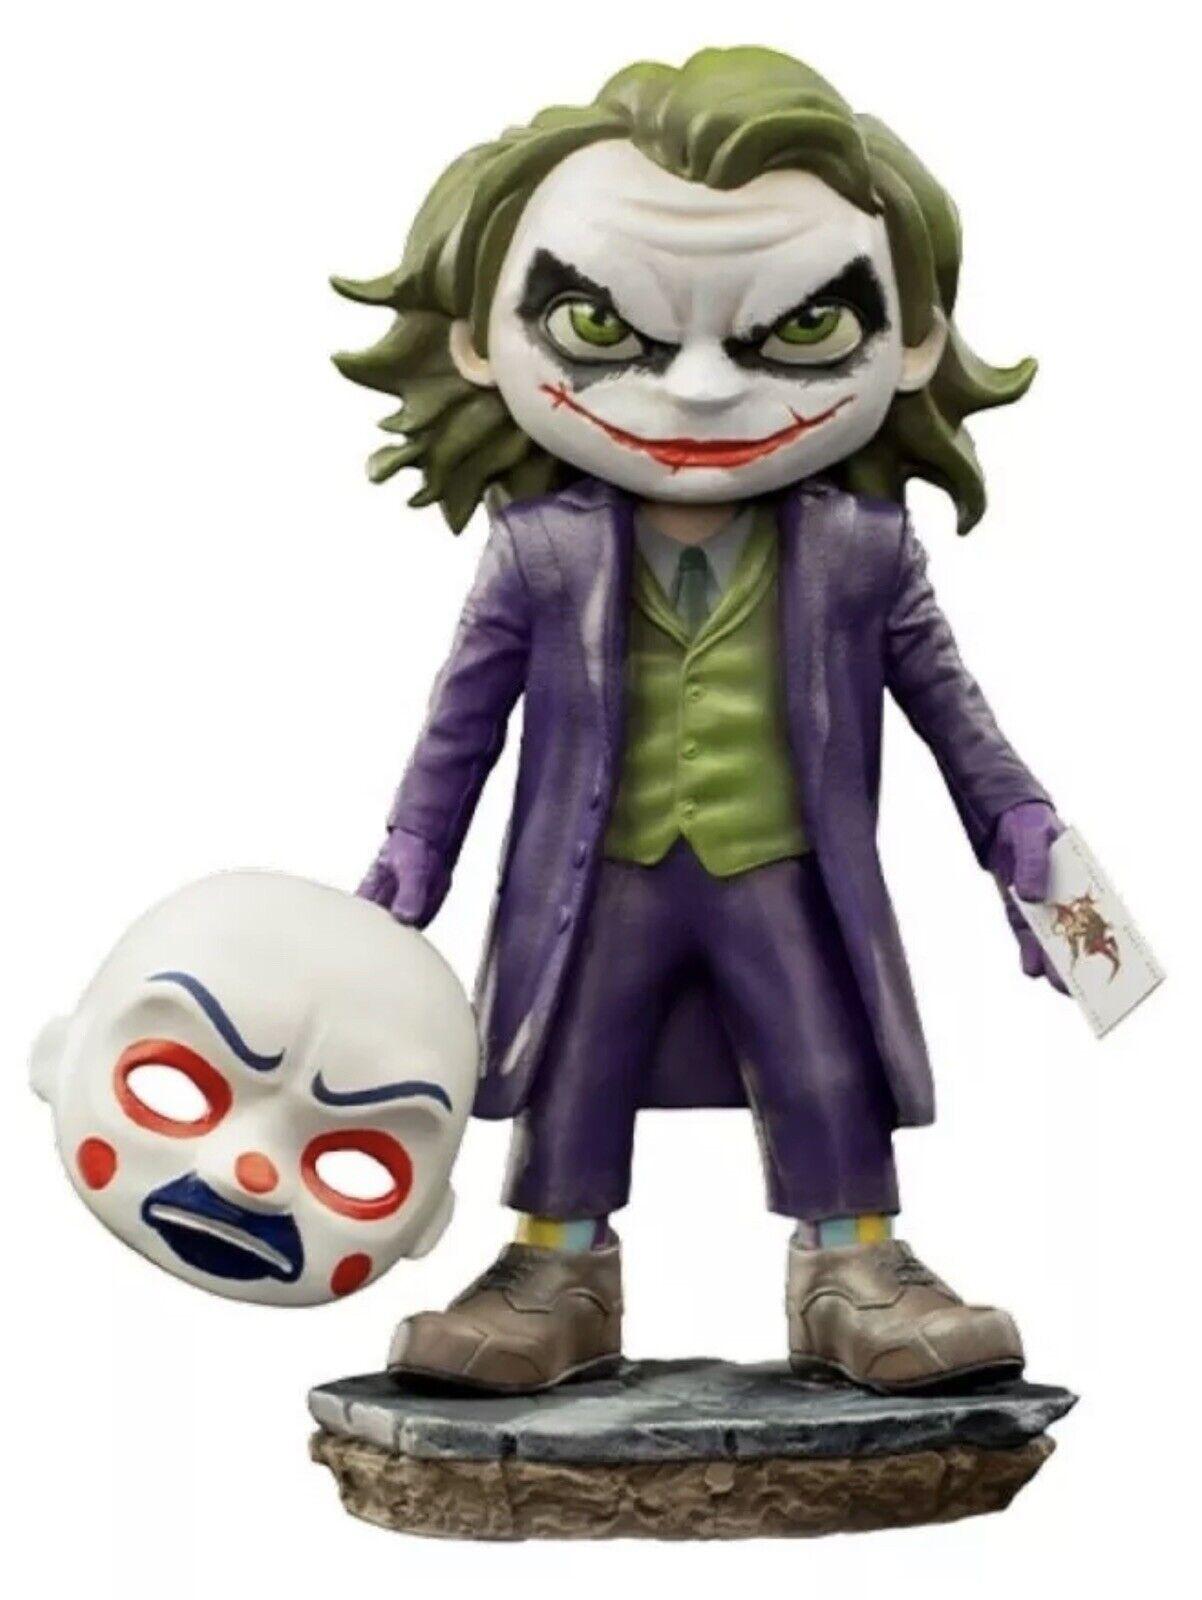 Batman: The Dark Knight - Joker Minico-IRO34324-IRON STUDIOS on eBay thumbnail